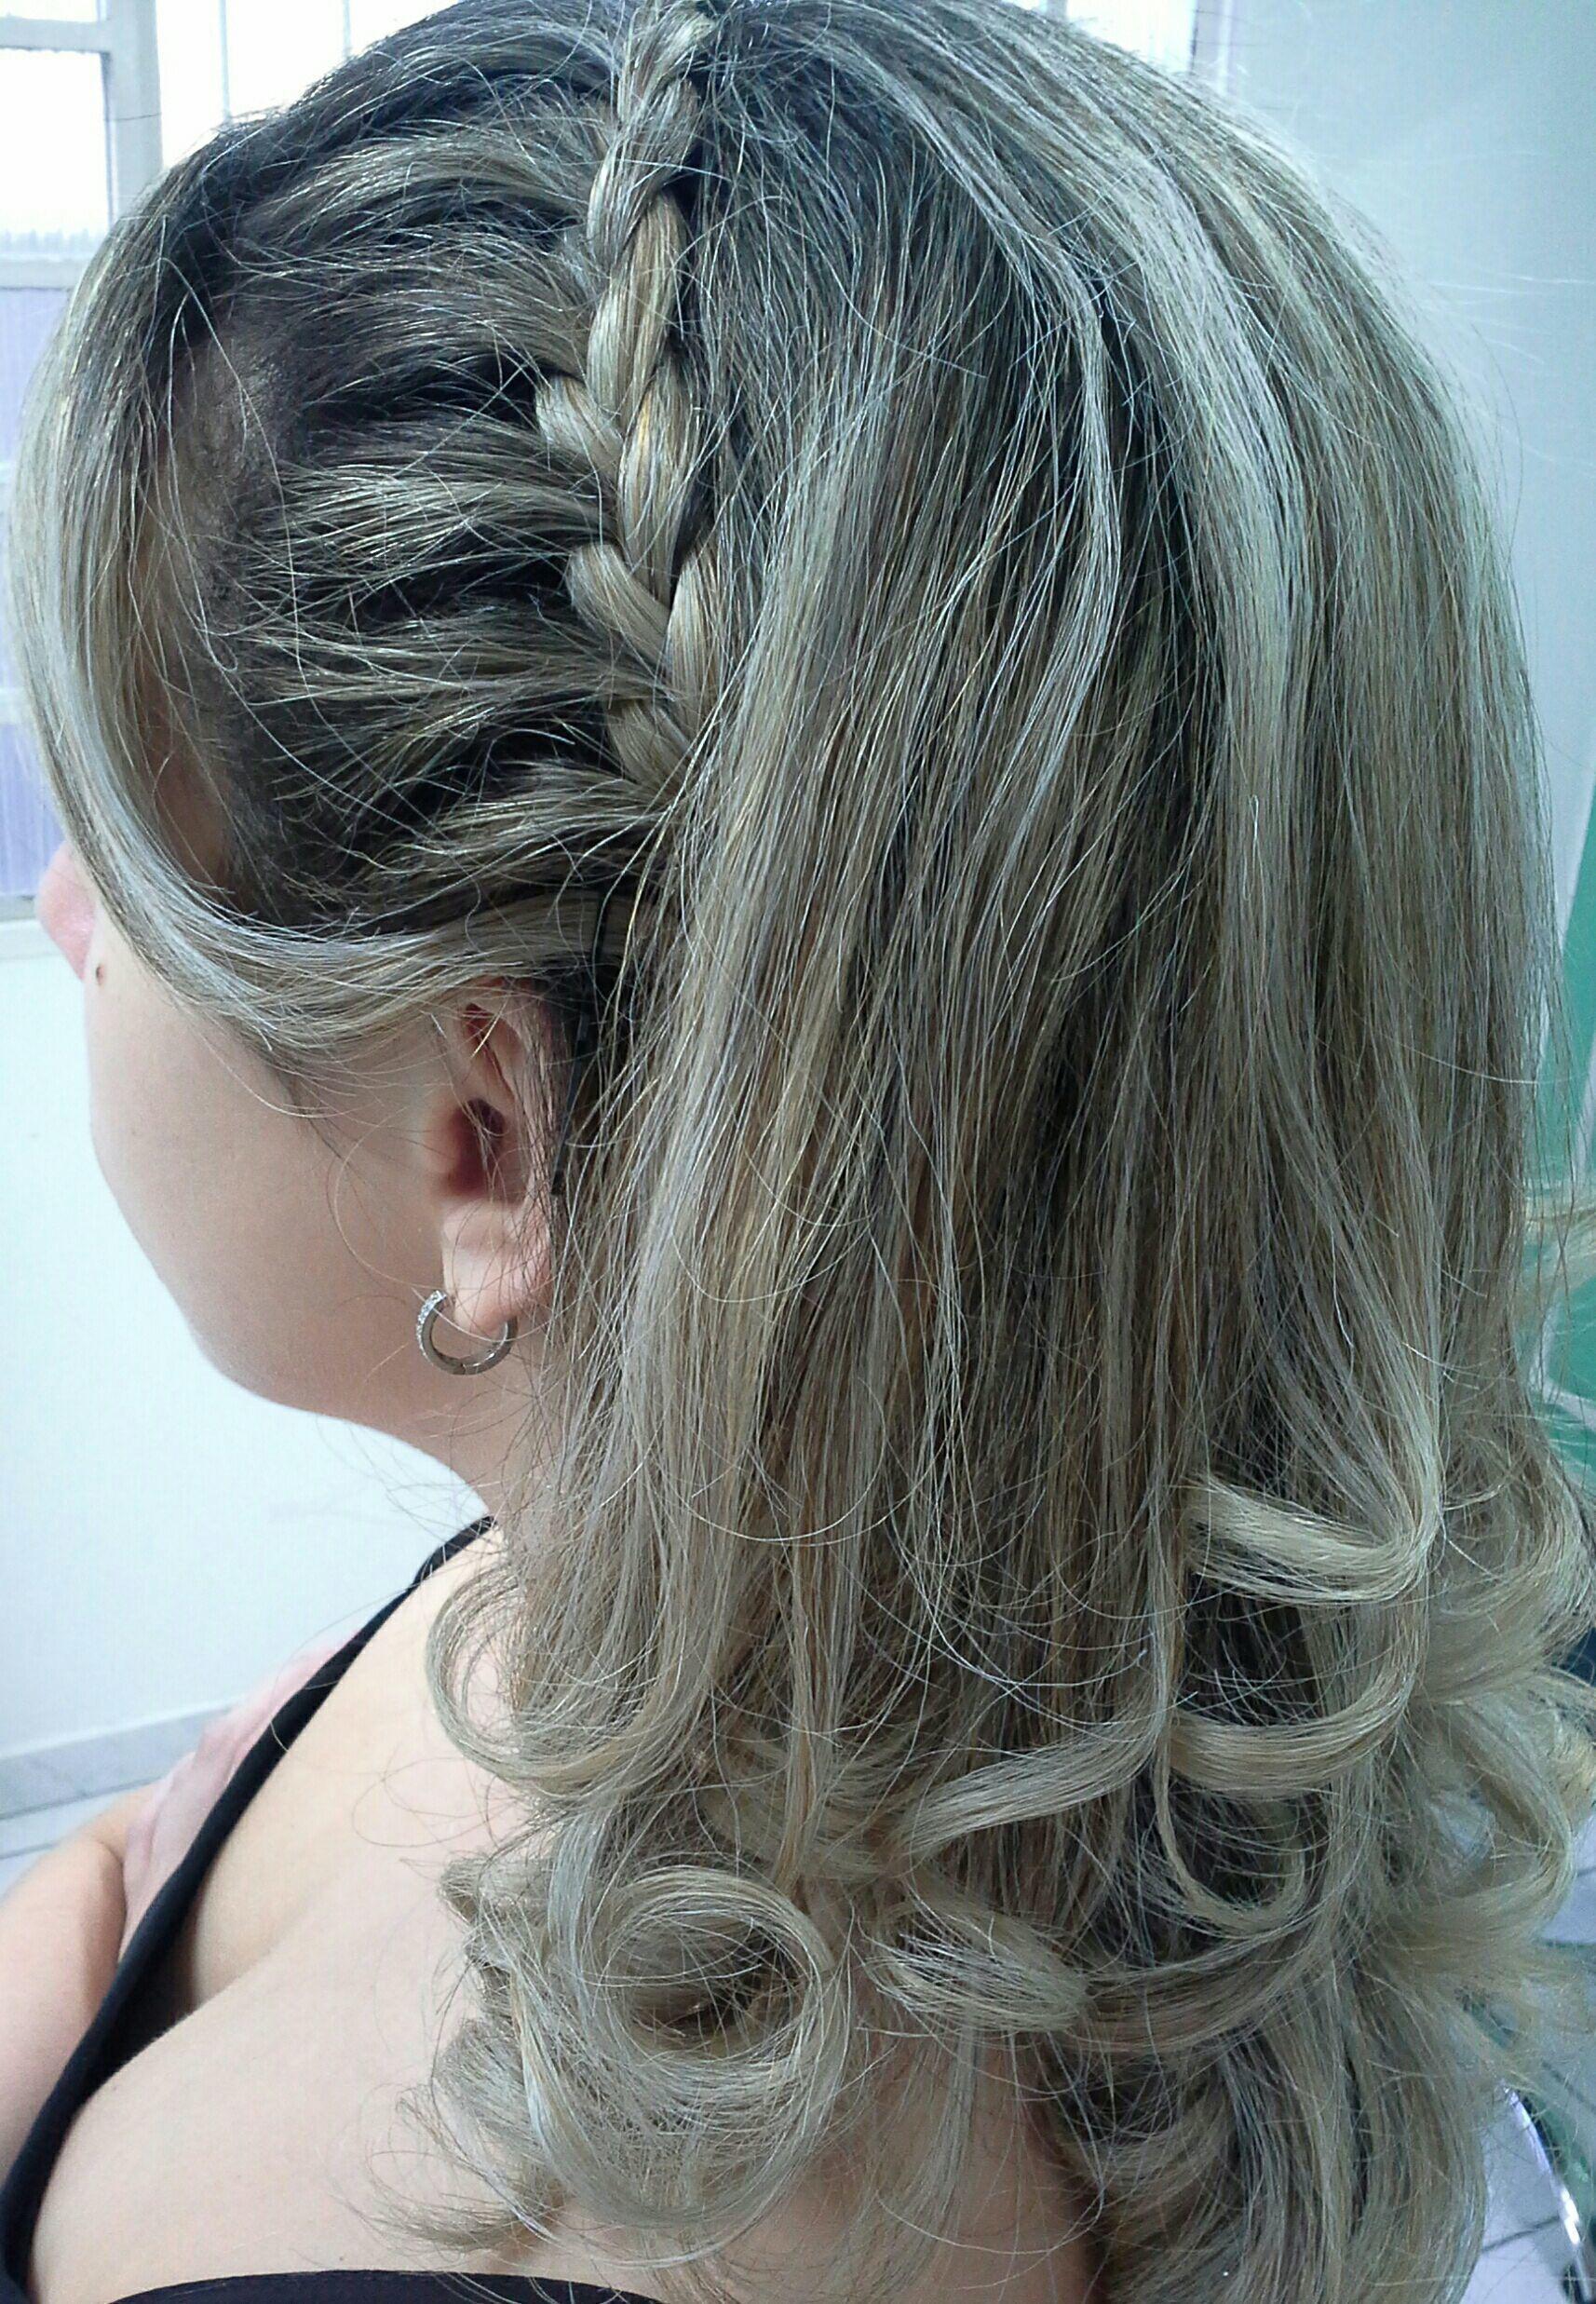 Cachos  e tranças,  super na moda cabelo stylist / visagista cabeleireiro(a)